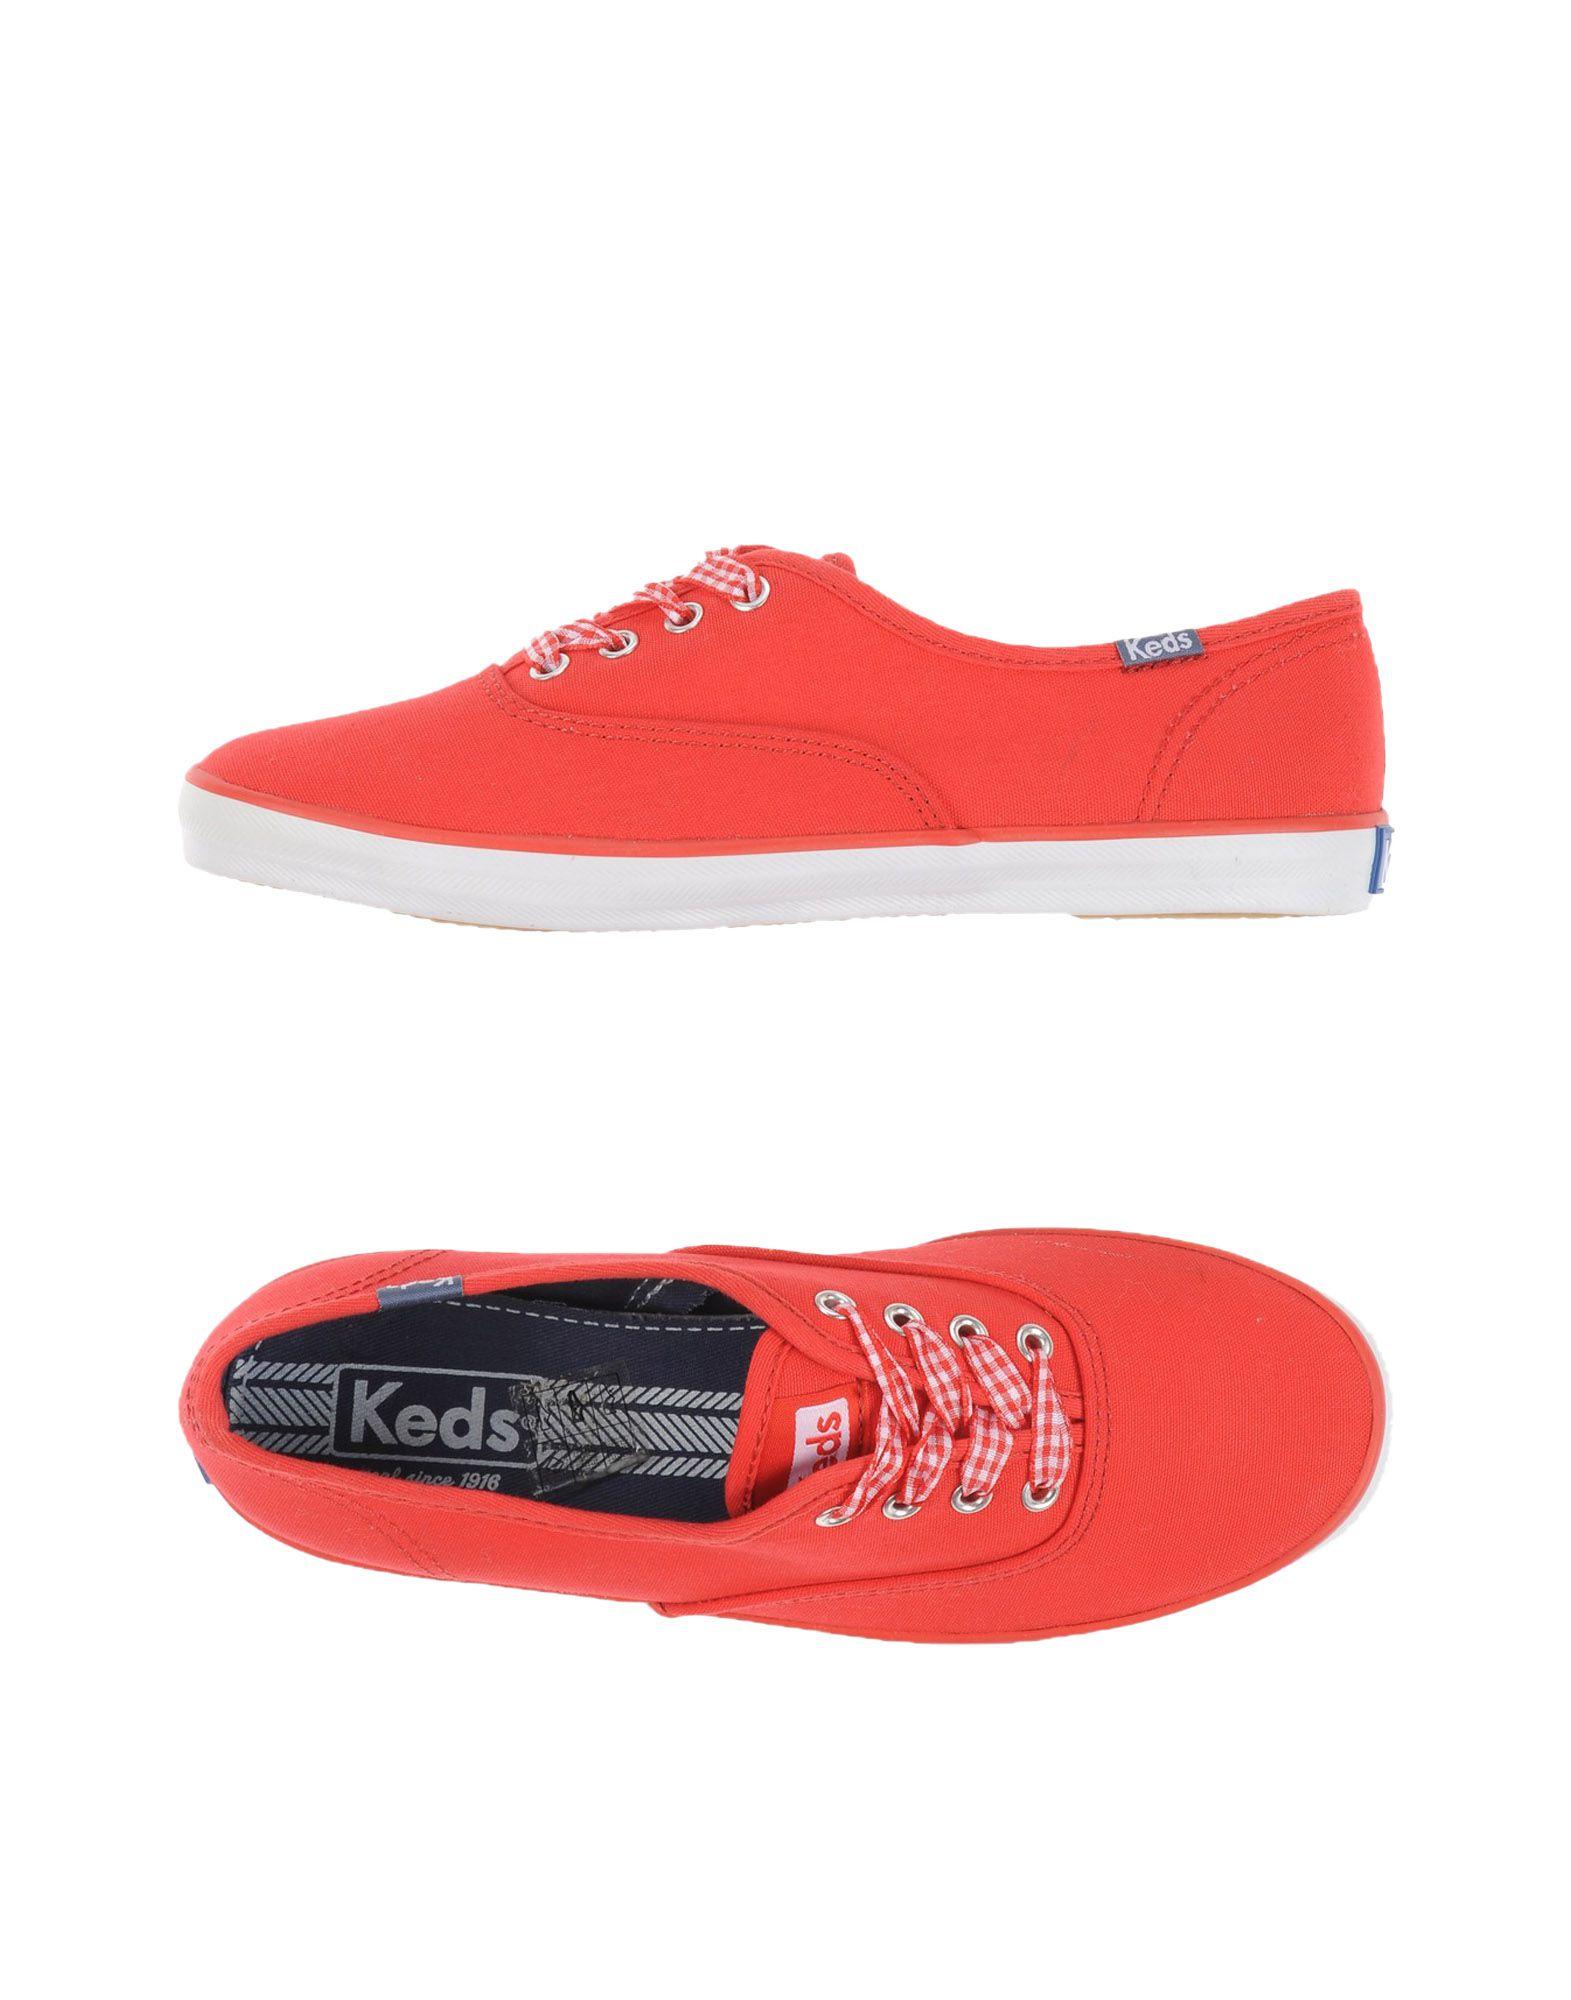 KEDS Низкие кеды и кроссовки женские кеды keds stone leather